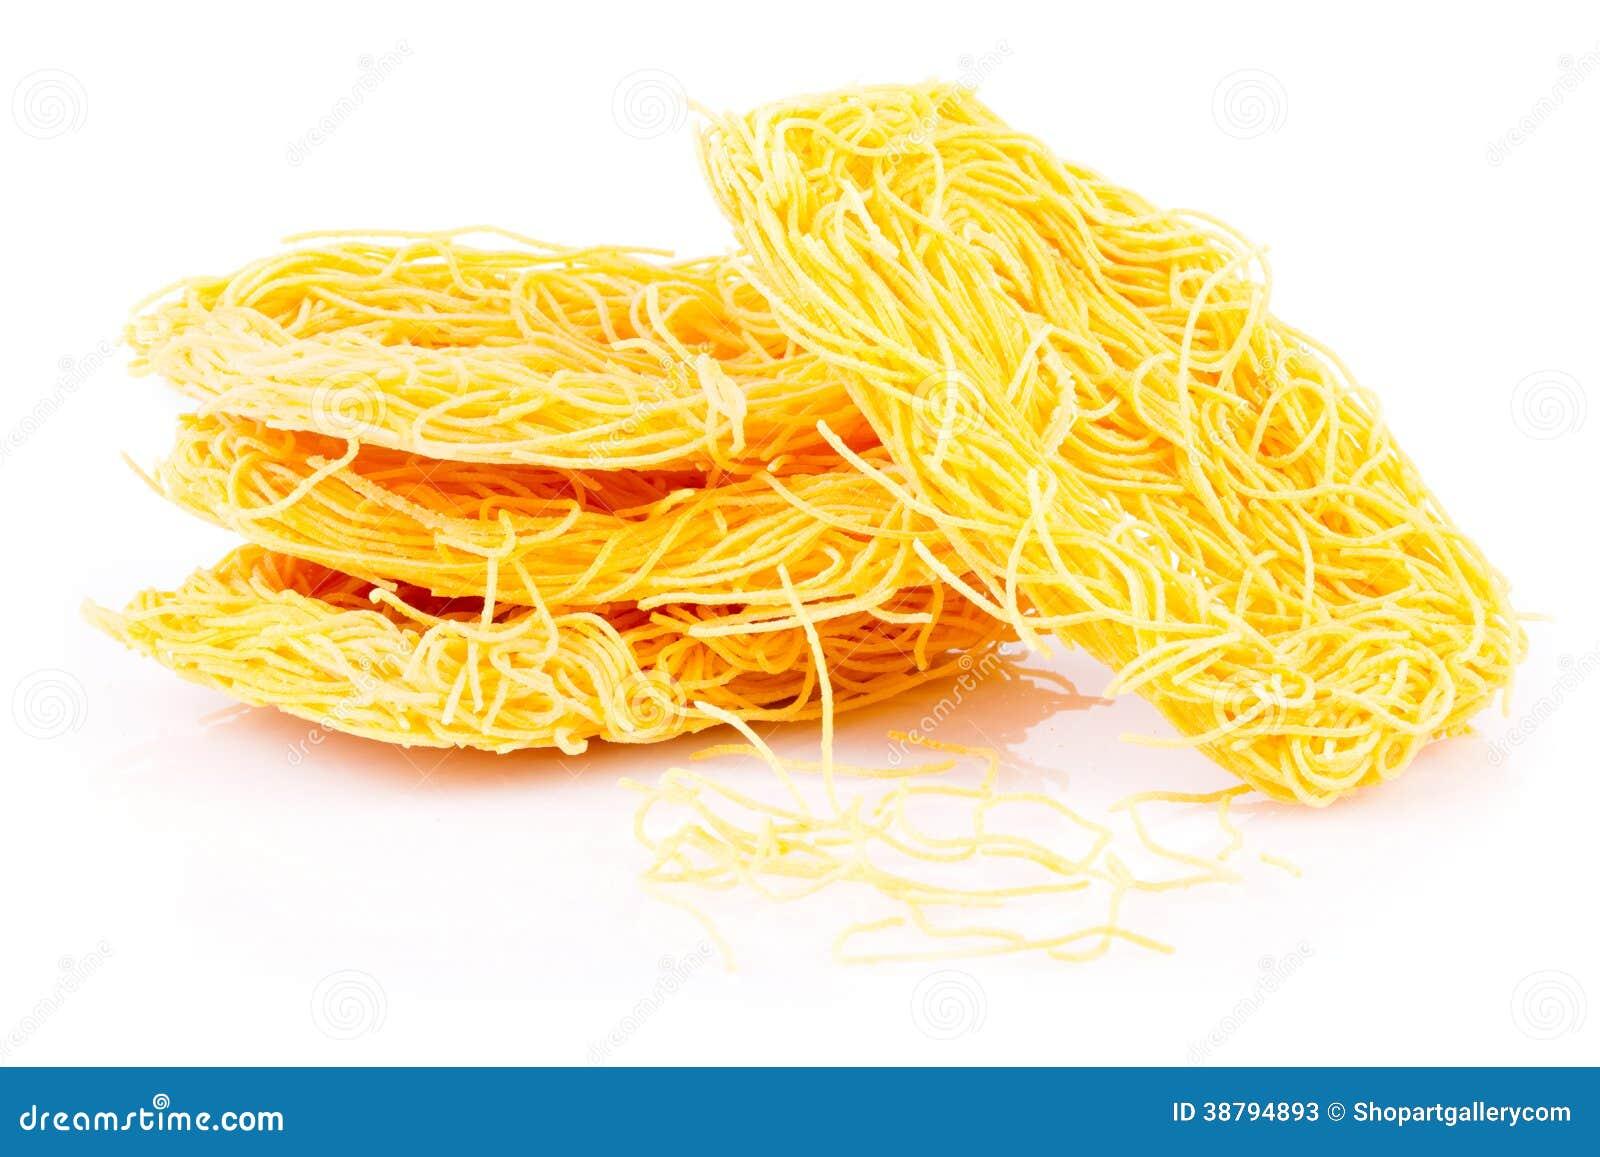 capellini pasta stock photo - image: 38794893